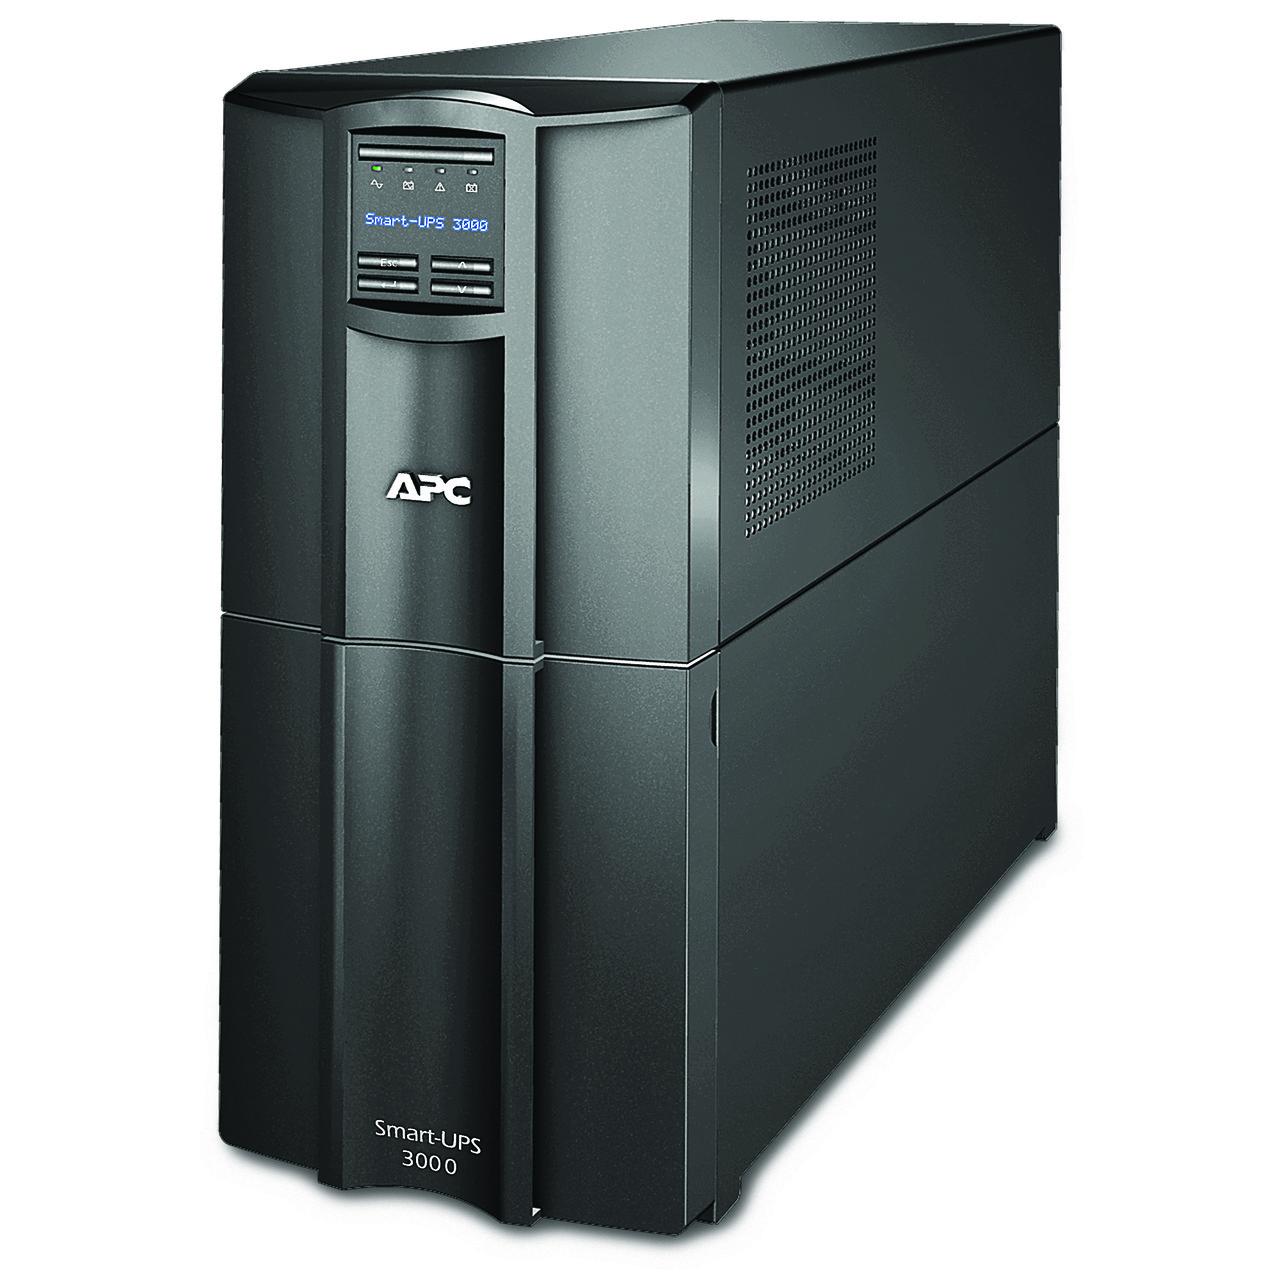 ИБП APC Smart-UPS 3000 ВА с ЖК-индикатором